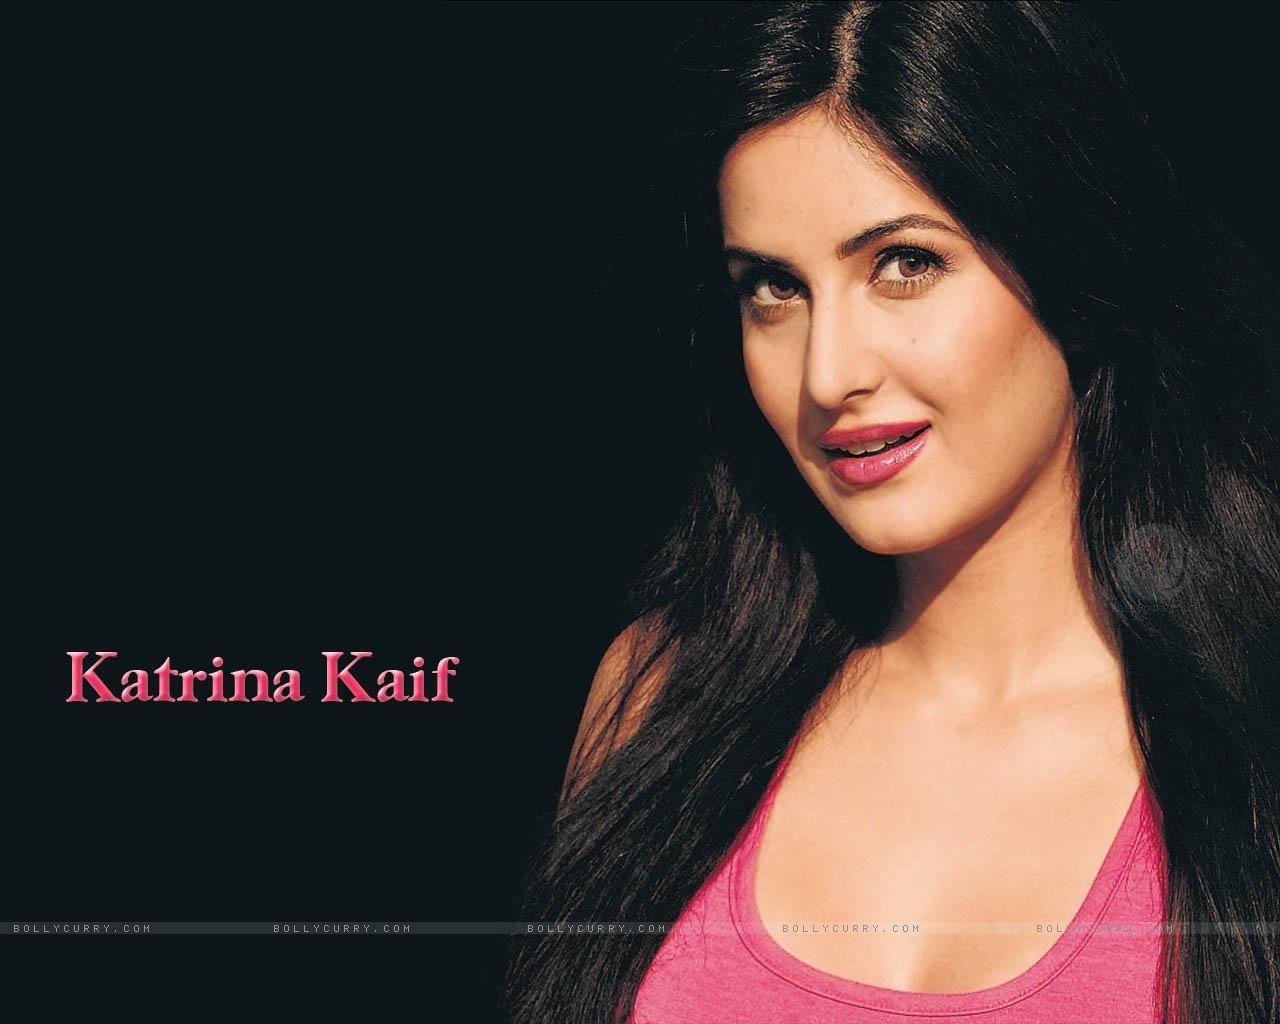 Katrina Kaif Latest Hot Pictures 2013   Bollywood Latest News